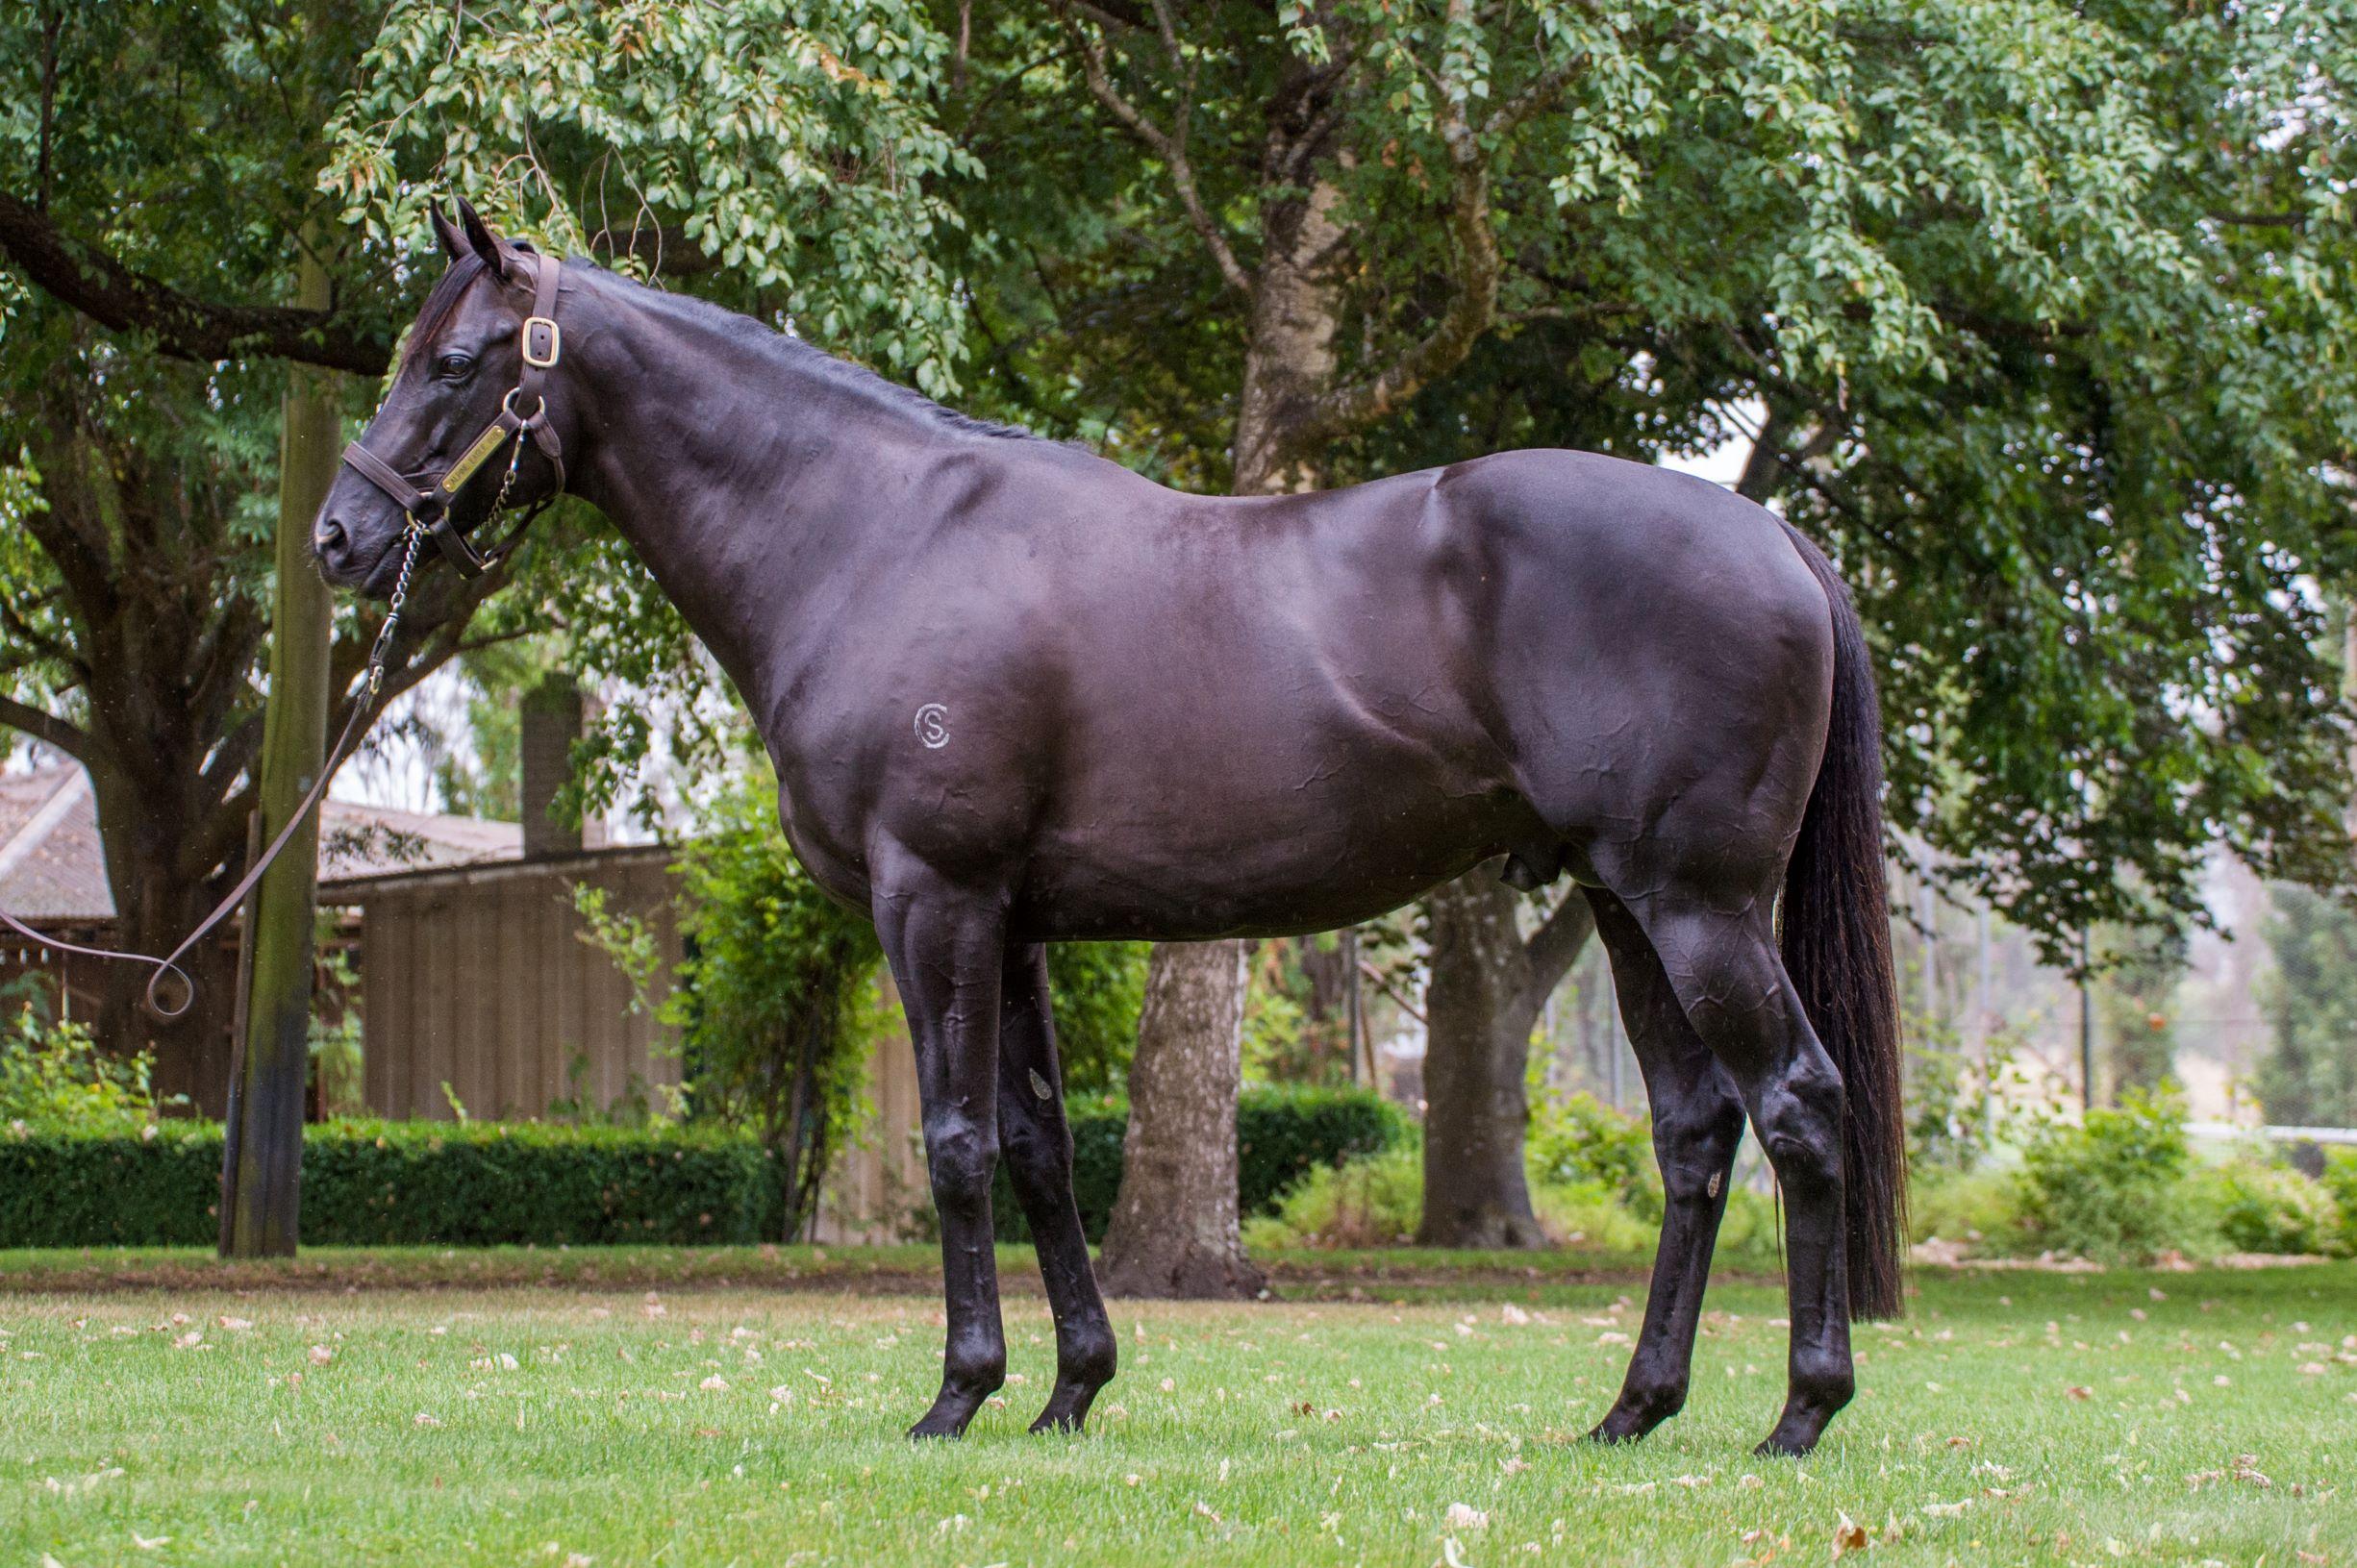 https://www.stallions.com.au/wp-content/uploads/2019/10/Armidale-Alpine-Eagle-Conformation_06-02-19-Sharon-Lee-Chapman_0588-4MP.jpg